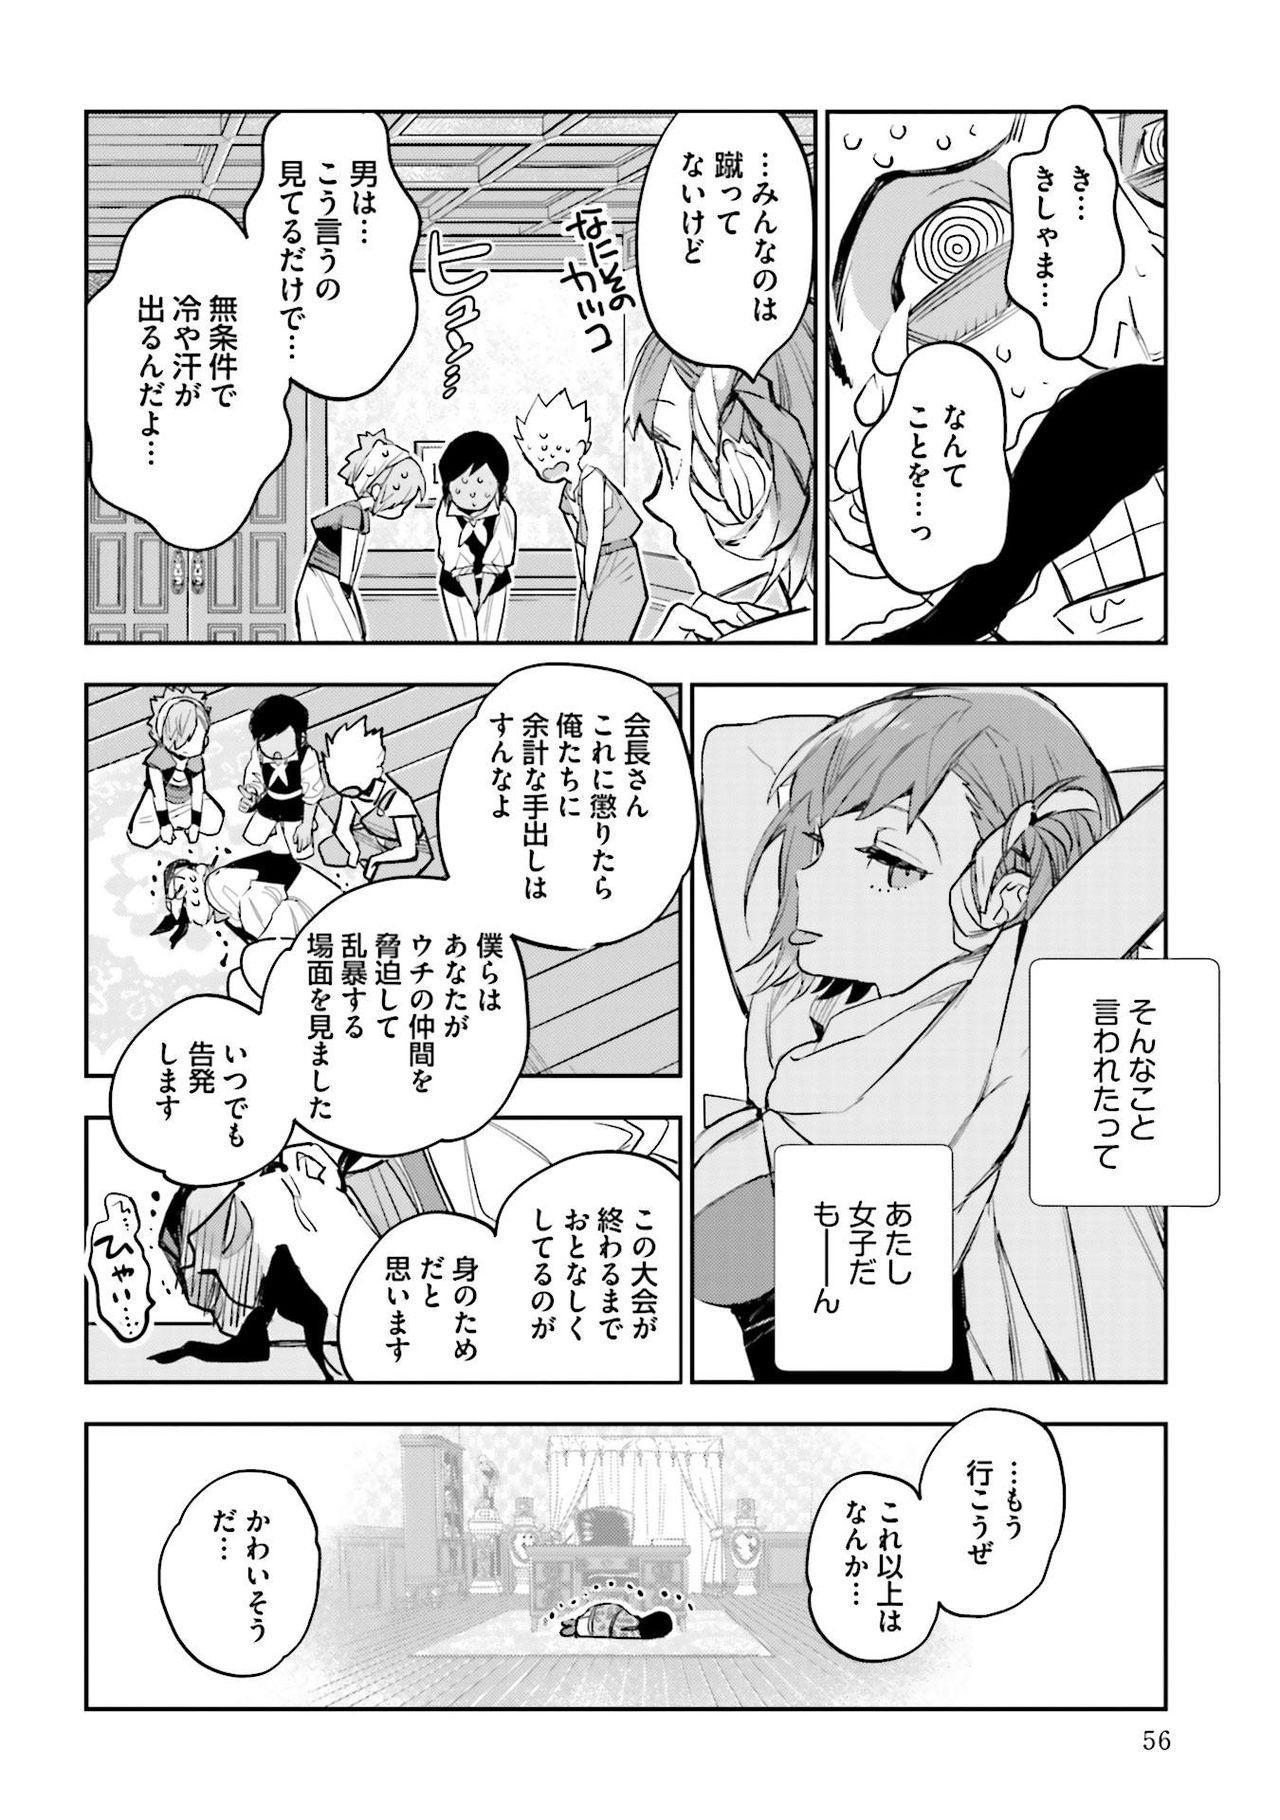 JK Haru wa Isekai de Shoufu ni Natta 1-14 415